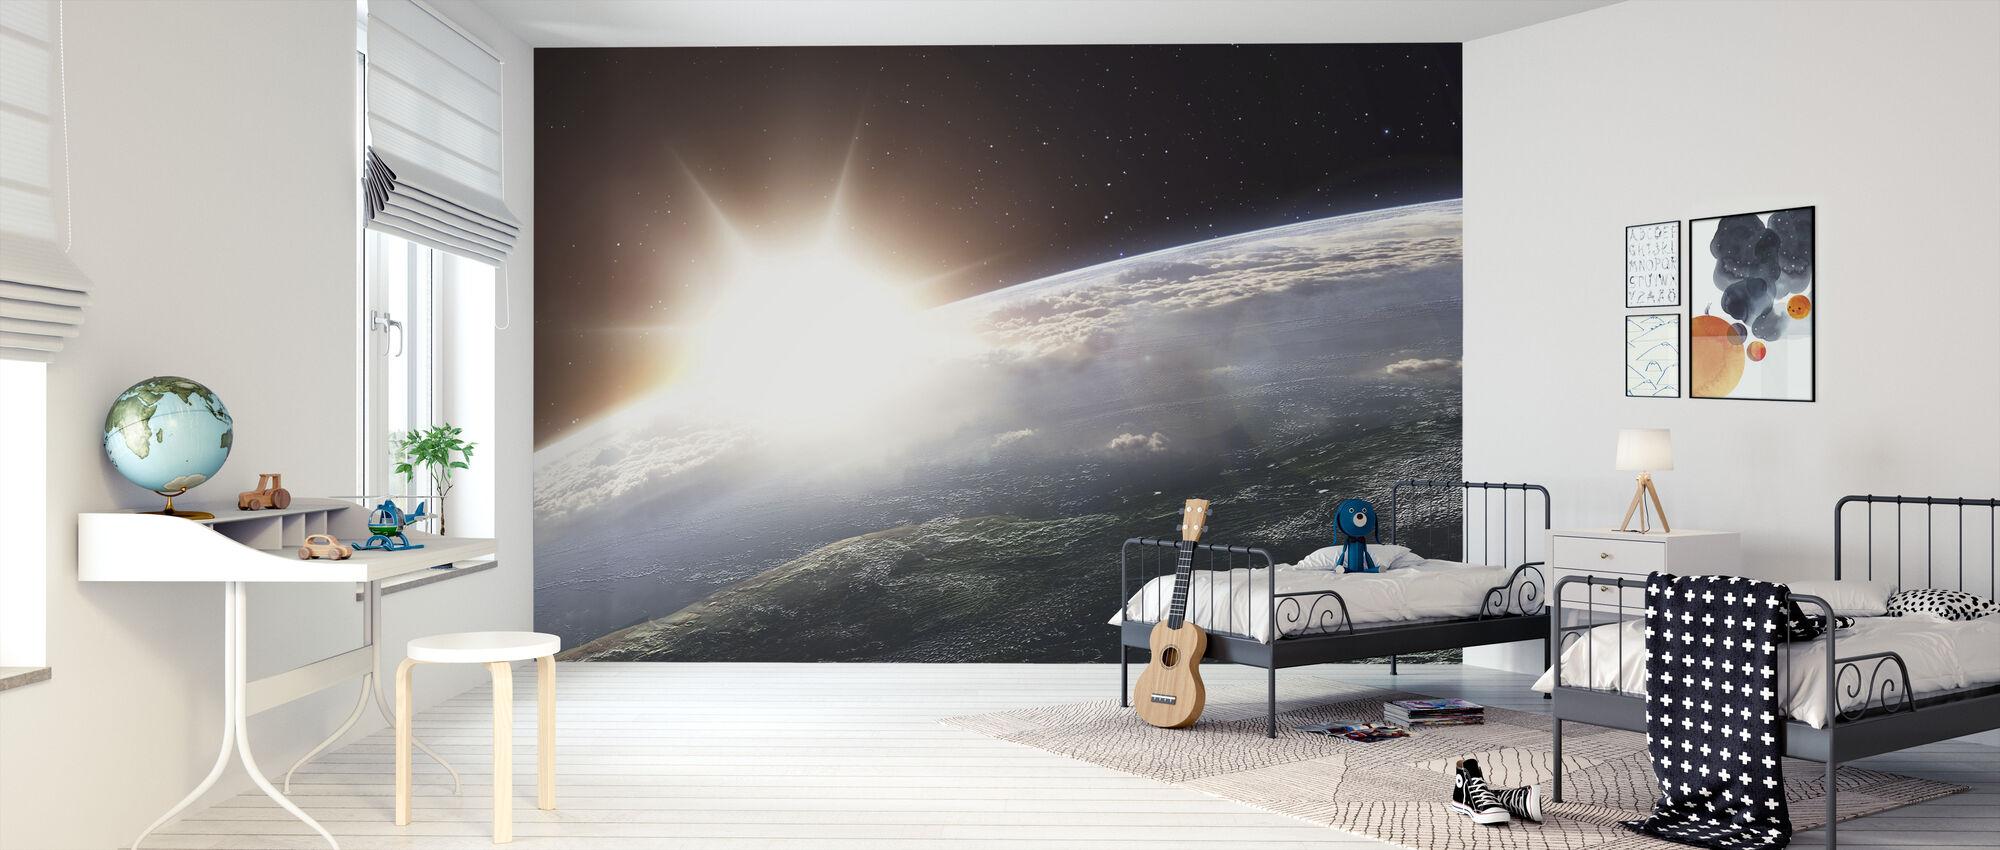 Sun over Earth - Wallpaper - Kids Room